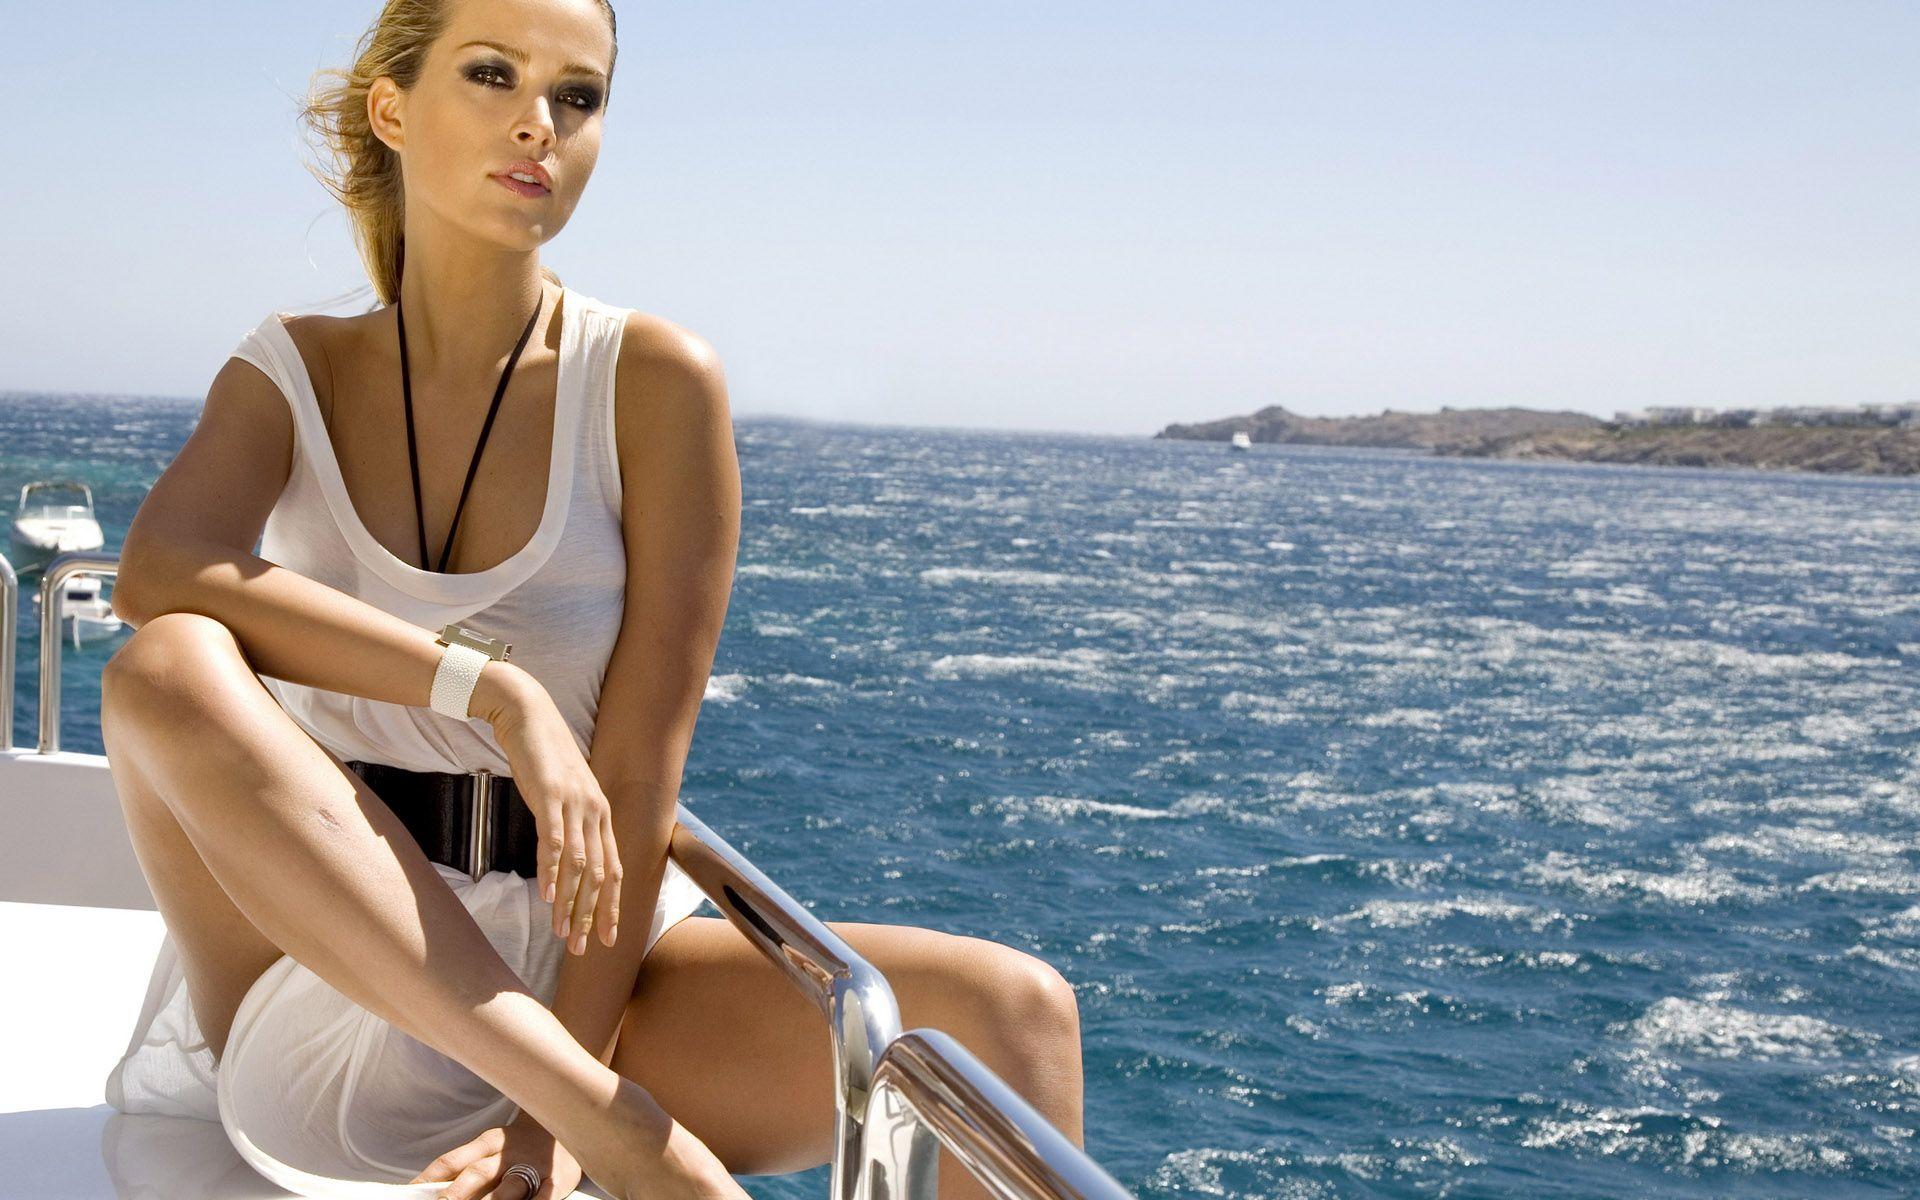 девушки на яхте нд качество